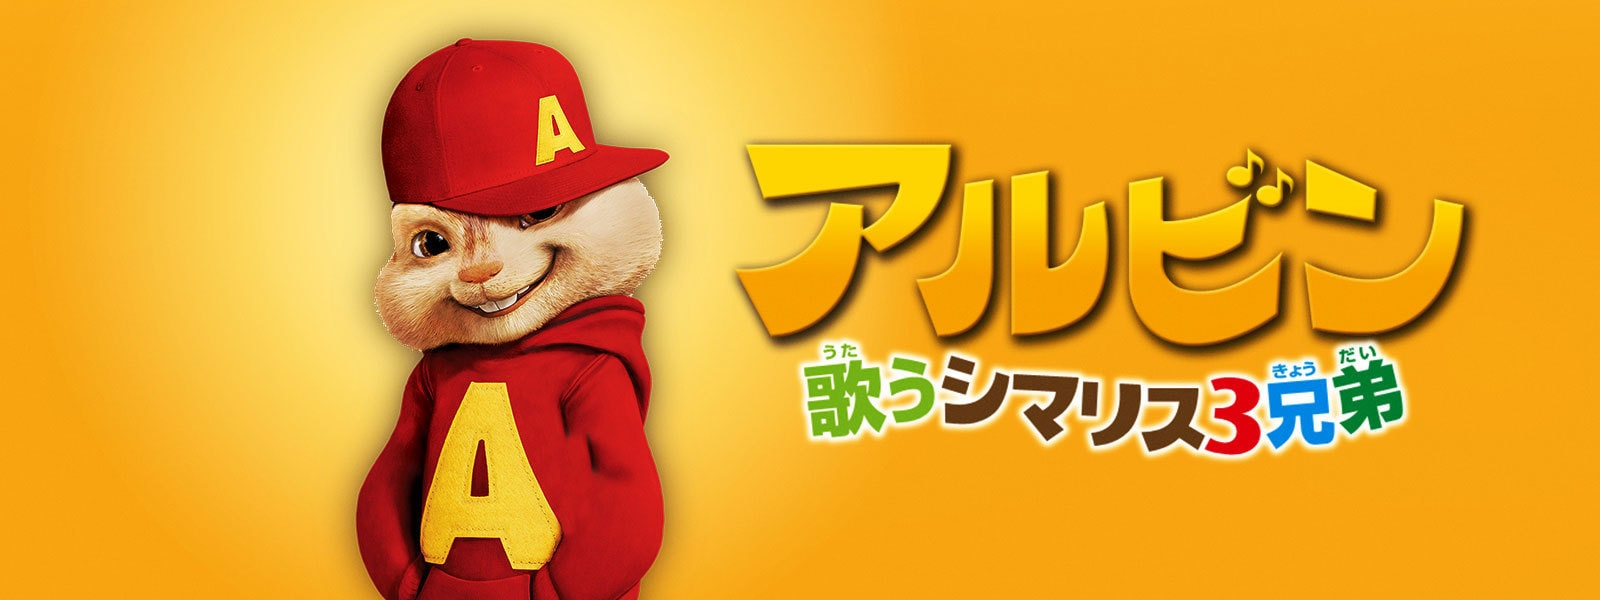 アルビン/歌うシマリス3兄弟|Alvin and the Chipmunks Hero Object